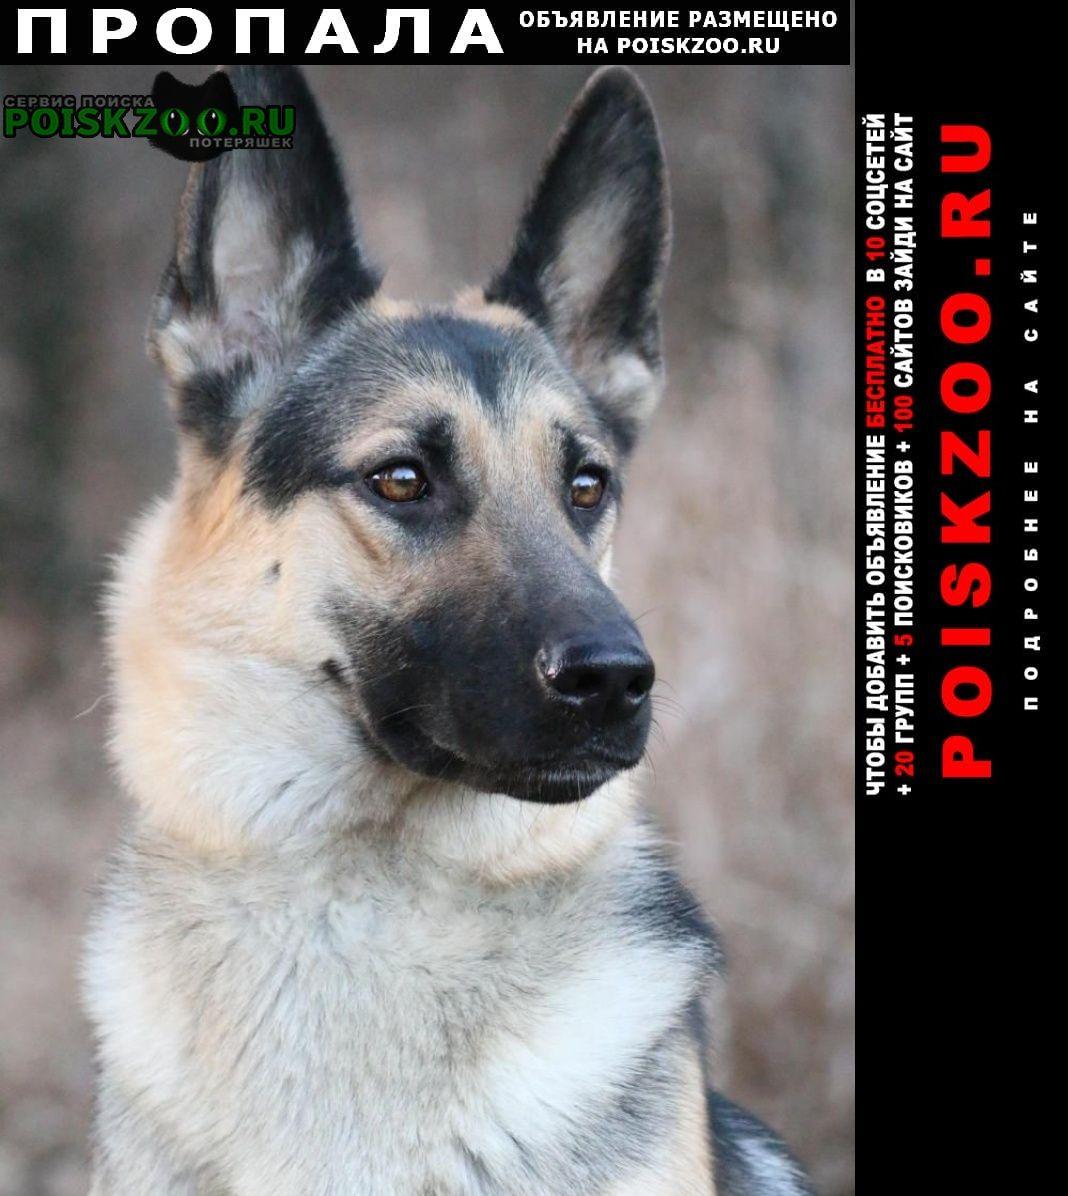 Пропала собака кобель Московский